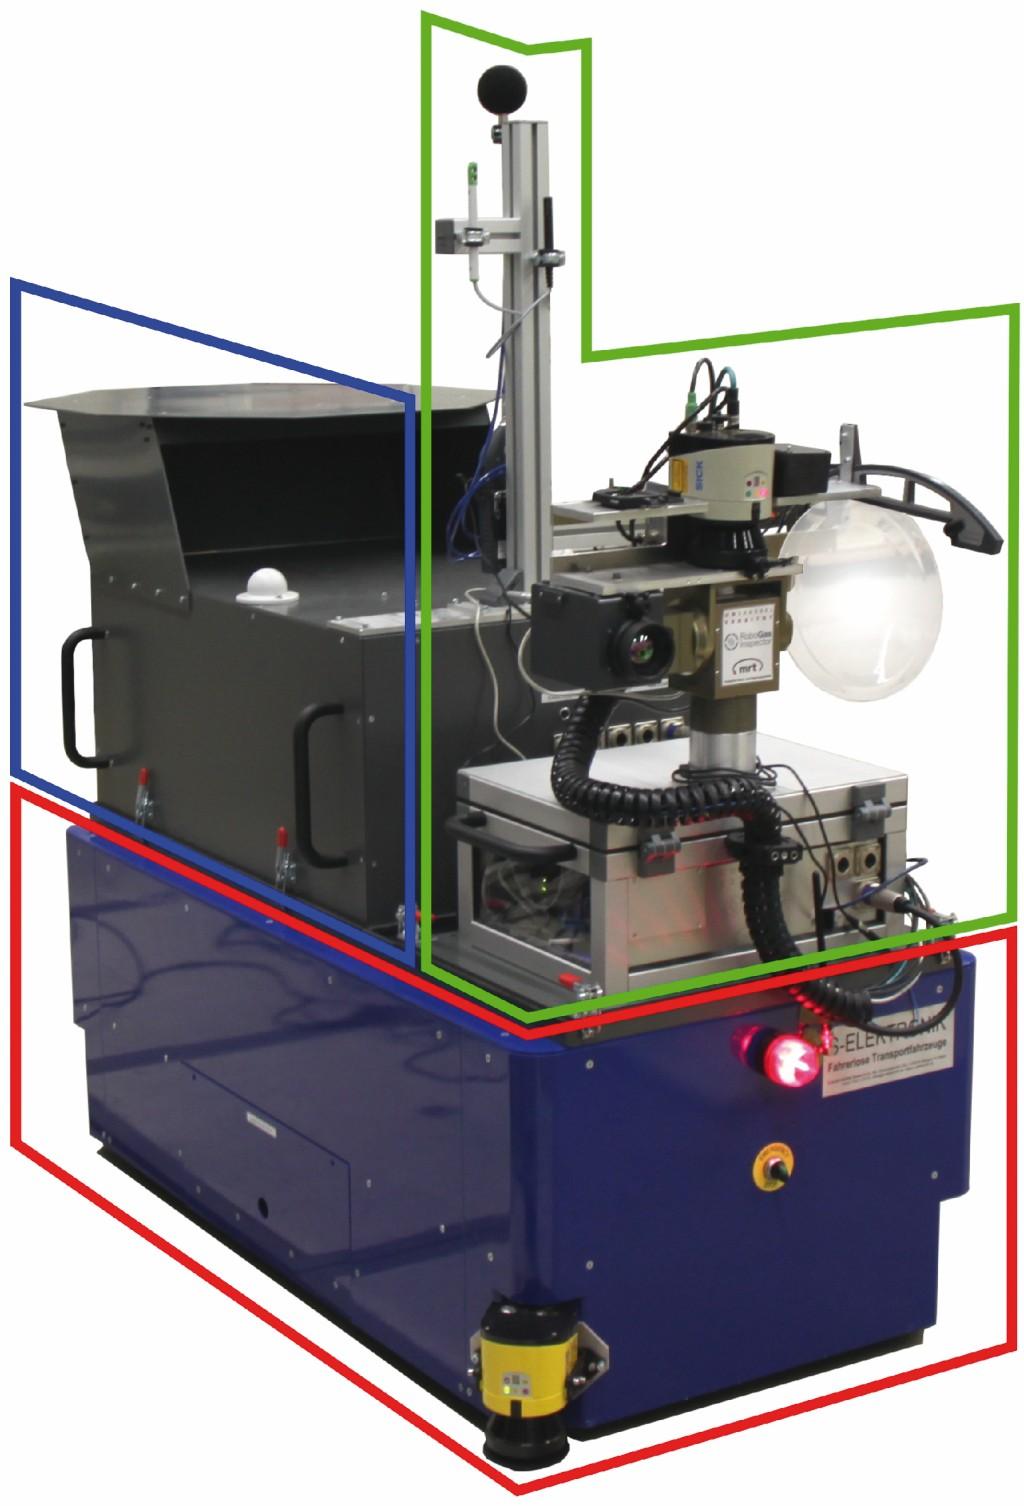 Bild 1 Bodenroboter auf Basis eines fahrerlosen Transportsystems (rot umrandet) mit gelbem Laserscanner, darauf Autonomiemodul (blau umrandet) und Multisensor-Modul mit Messsäule (grün umrandet). Quelle: Uni Kassel /Fraunhofer FKIE